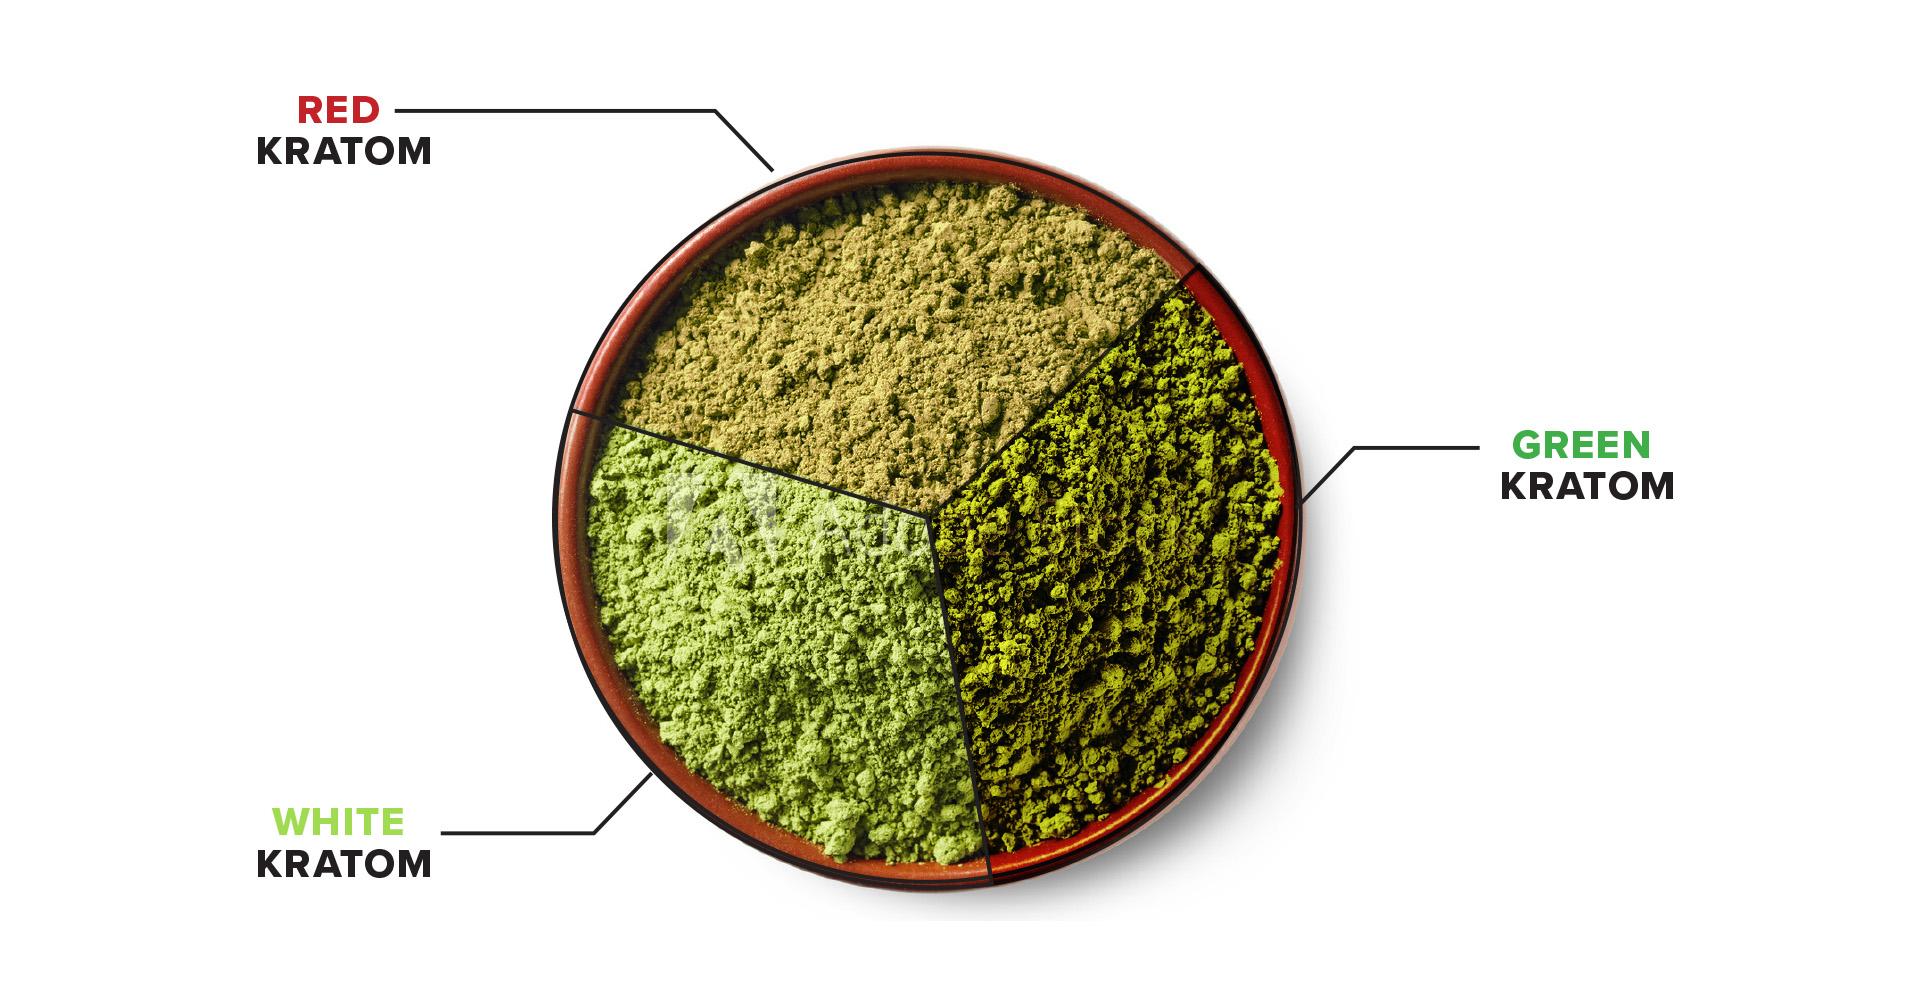 Green, White, Red Kratom Powder from Kratom.com